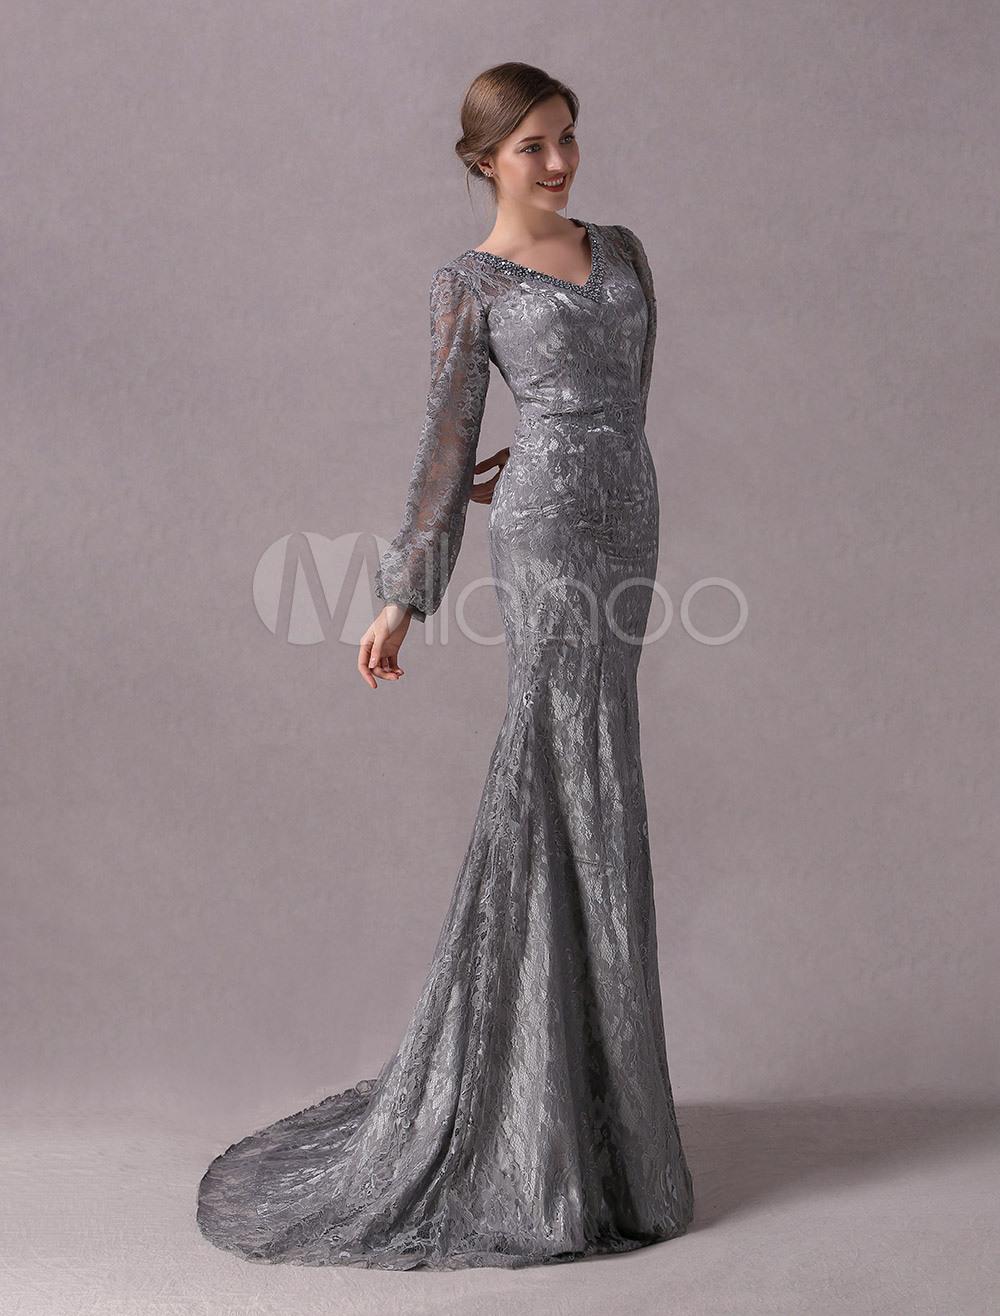 Brautmutterkleider Mermaid- Abendkleider Für Hochzeit Grau Abendkleider Mit  Spitze Spitze V-Ausschnitt Hochzeit Mit Court-Schleppe Langarm